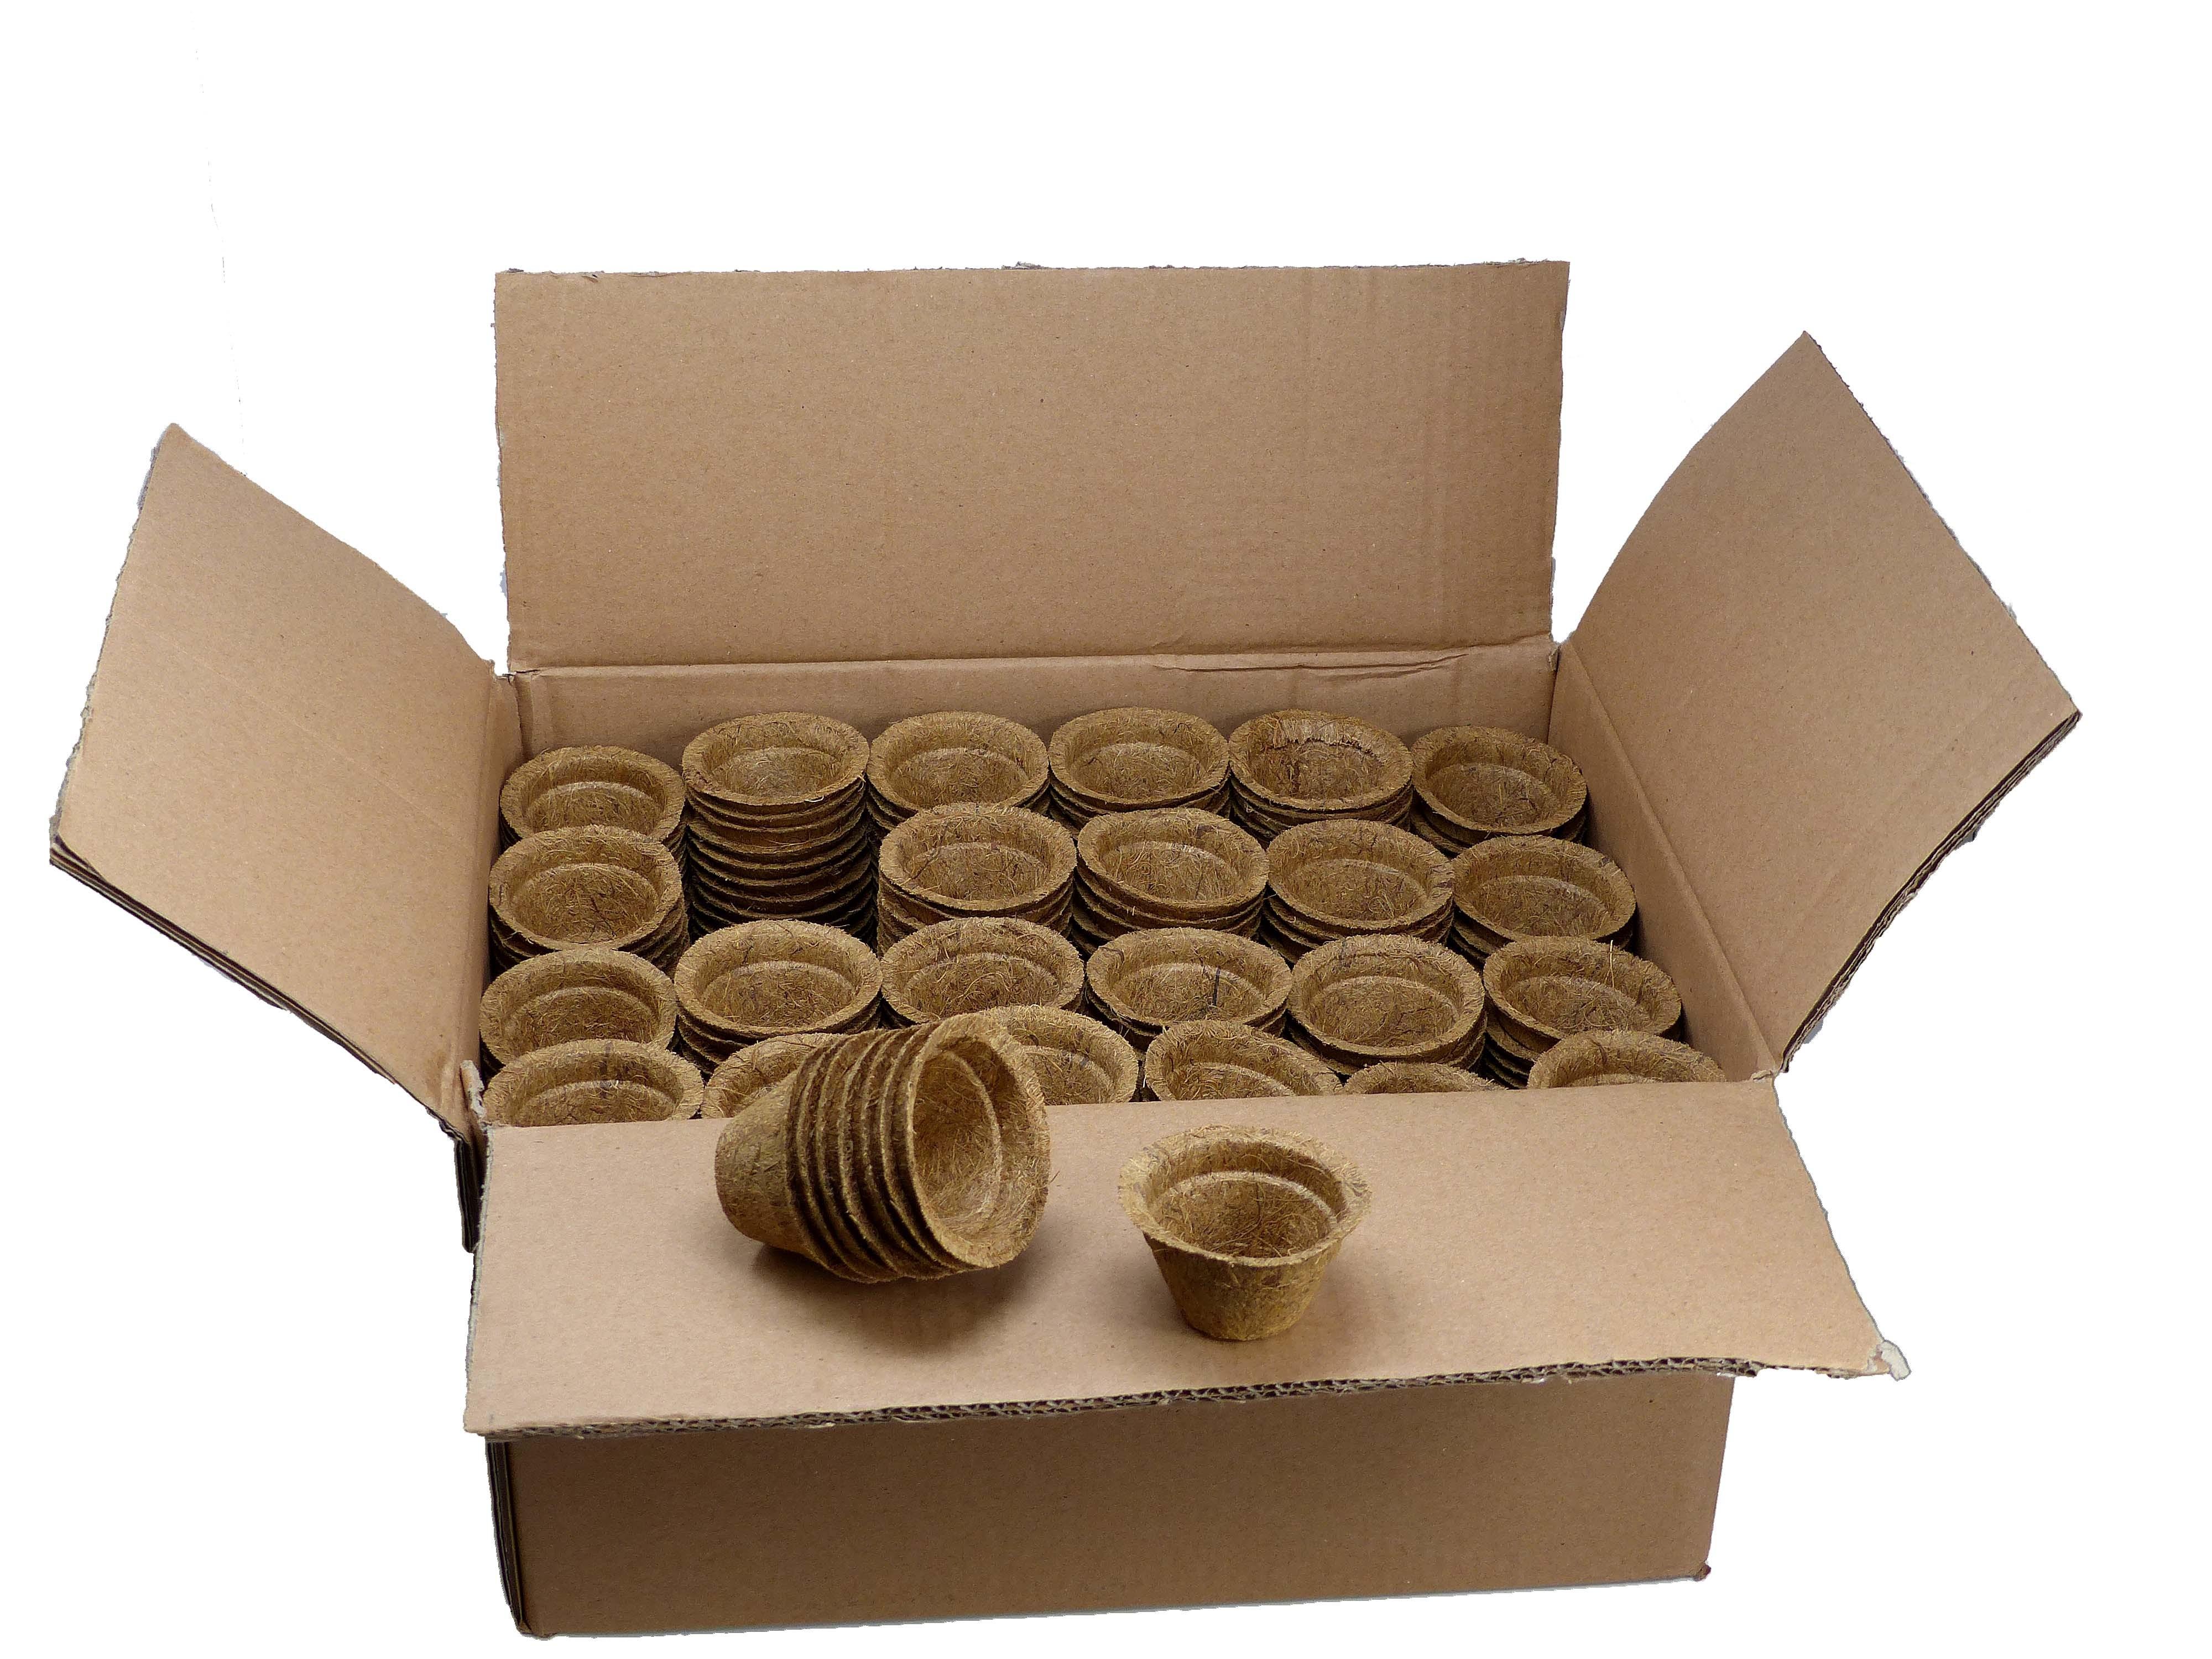 Kokosfaser Anzuchttopf 0,05 Liter - 500 Stück im Karton